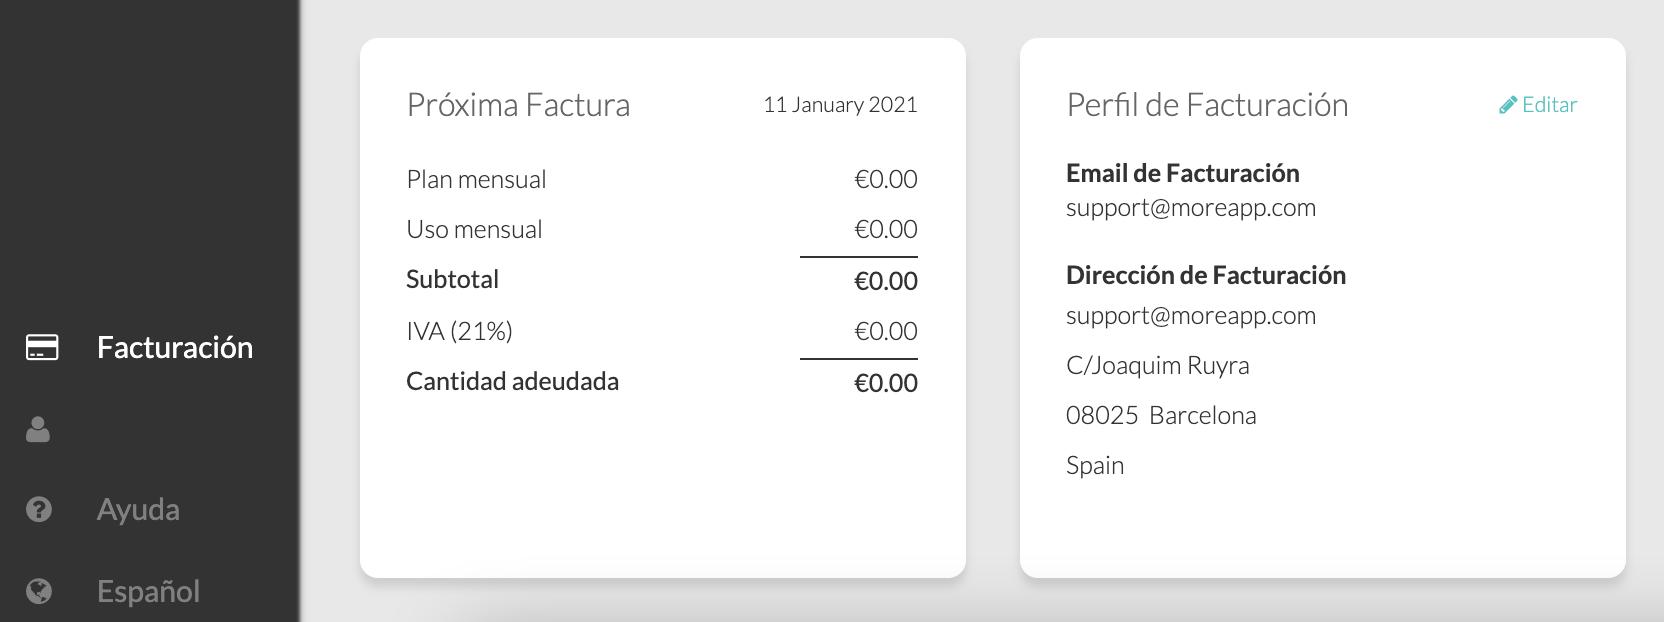 Email de Facturación MoreApp